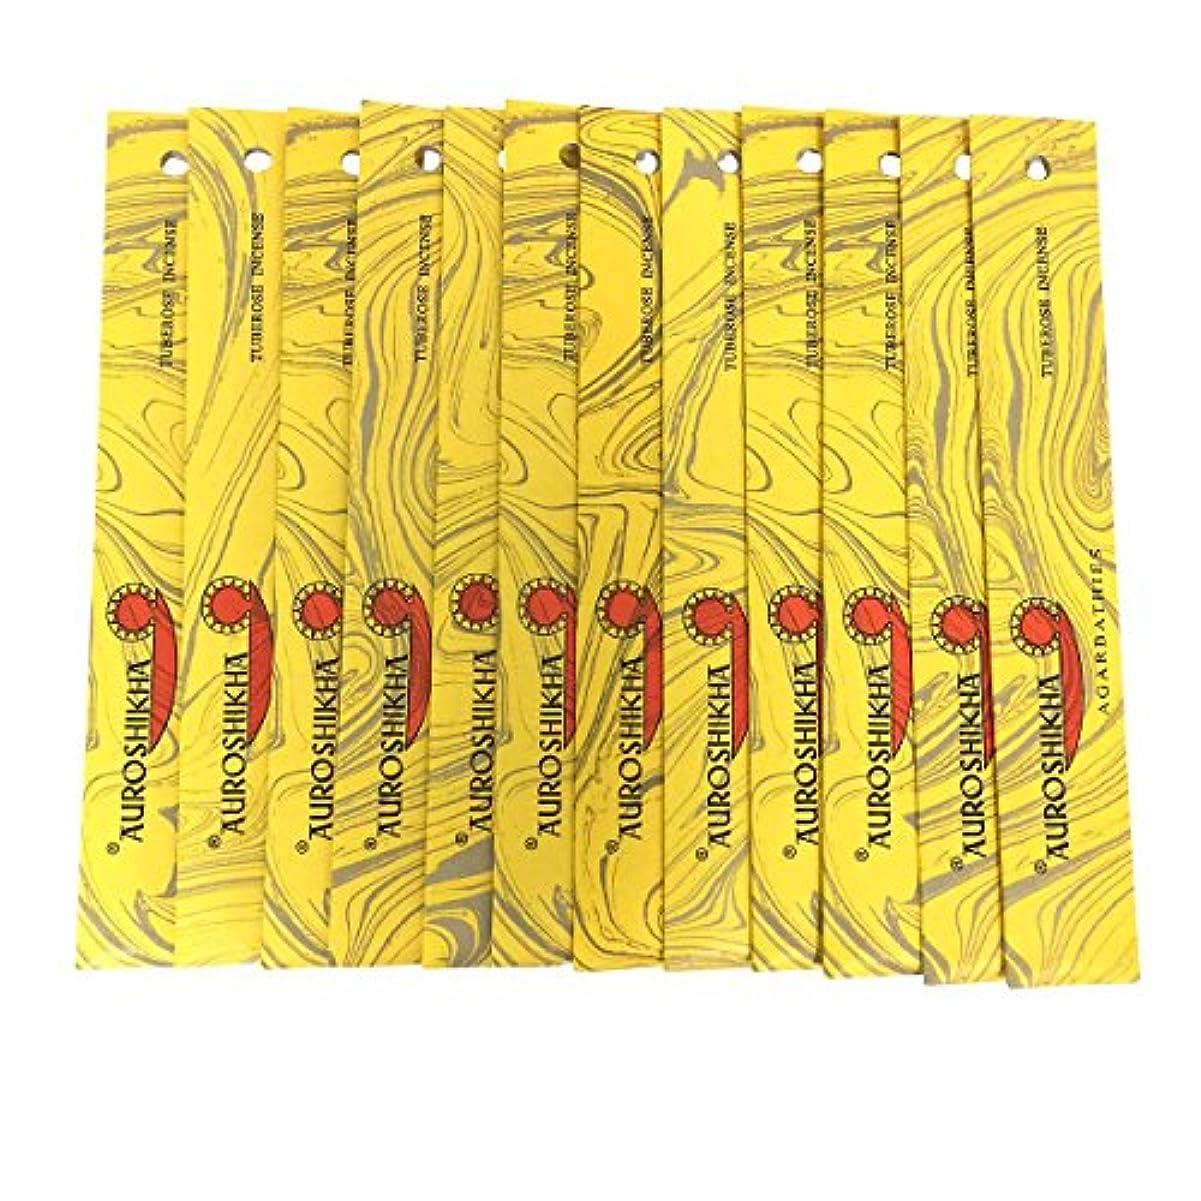 うそつき富豪日焼けAUROSHIKHA オウロシカ(TUBEROSEチューベローズ12個セット) マーブルパッケージスティック 送料無料